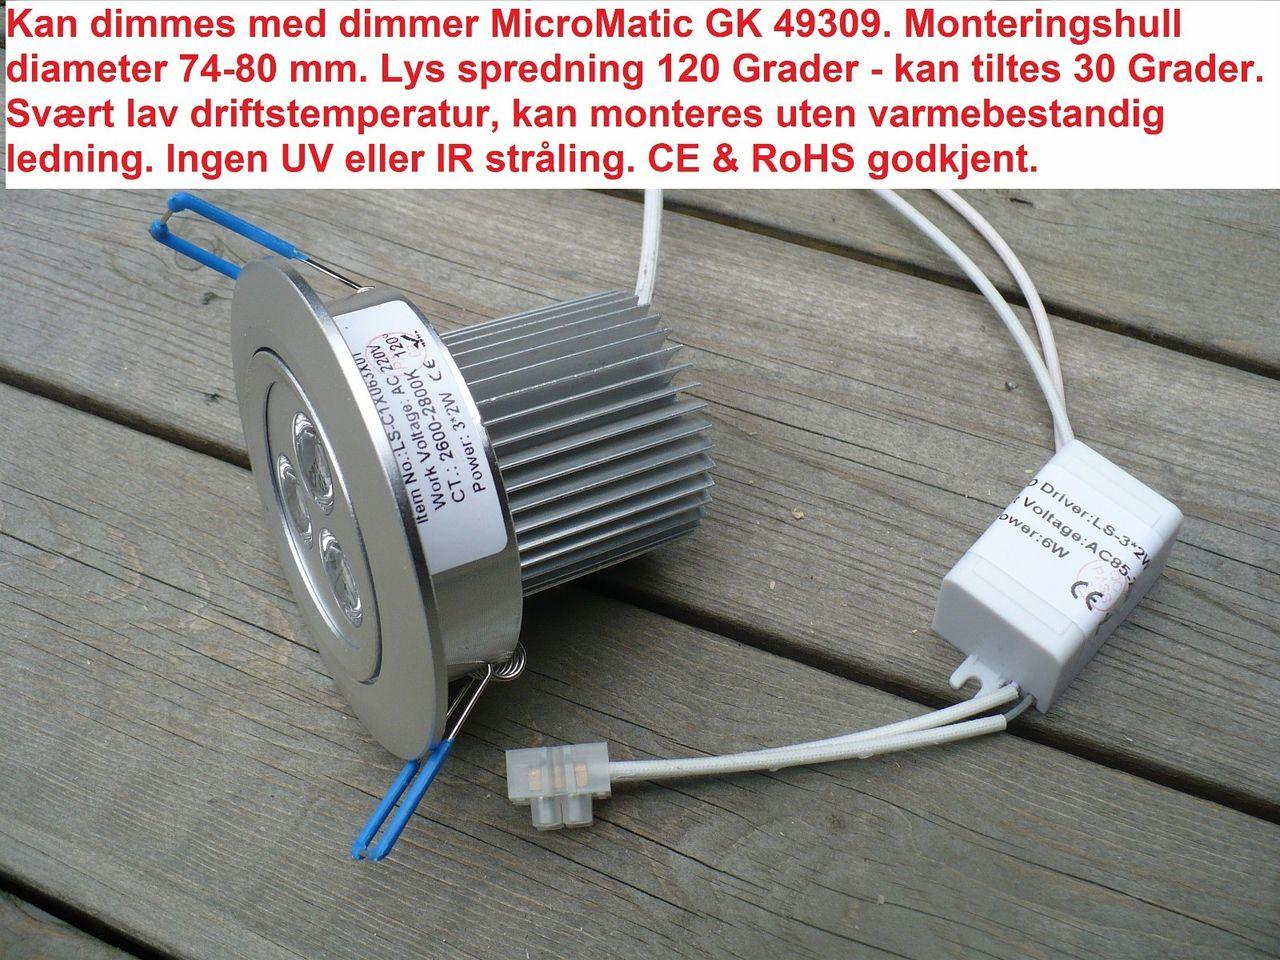 LED Downlight 2x3 W (6 Watt)